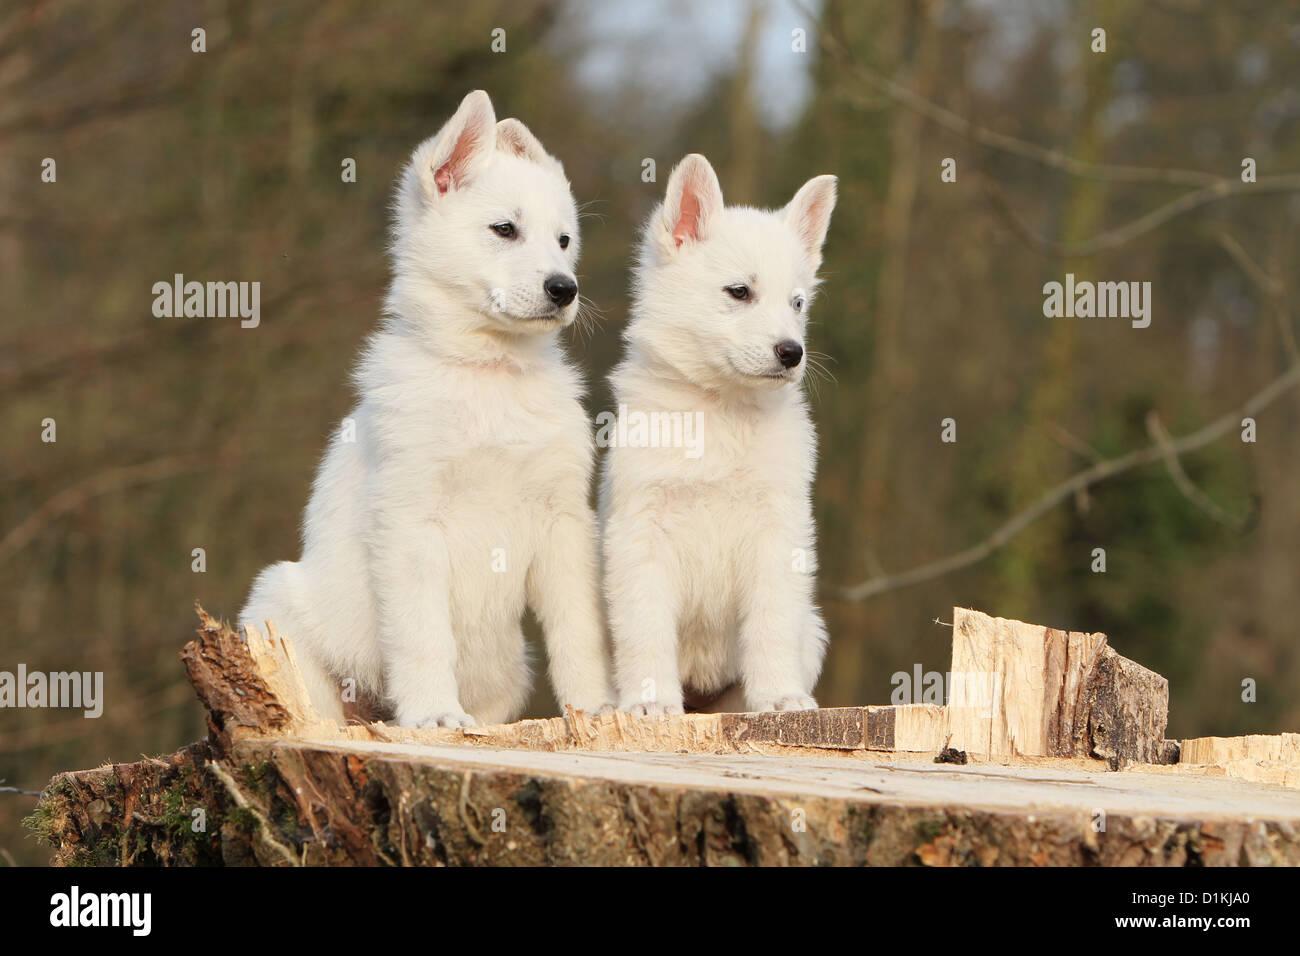 El Pastor Blanco Suizo perro / BERGER BLANC SUISSE dos cachorros juntos Foto de stock